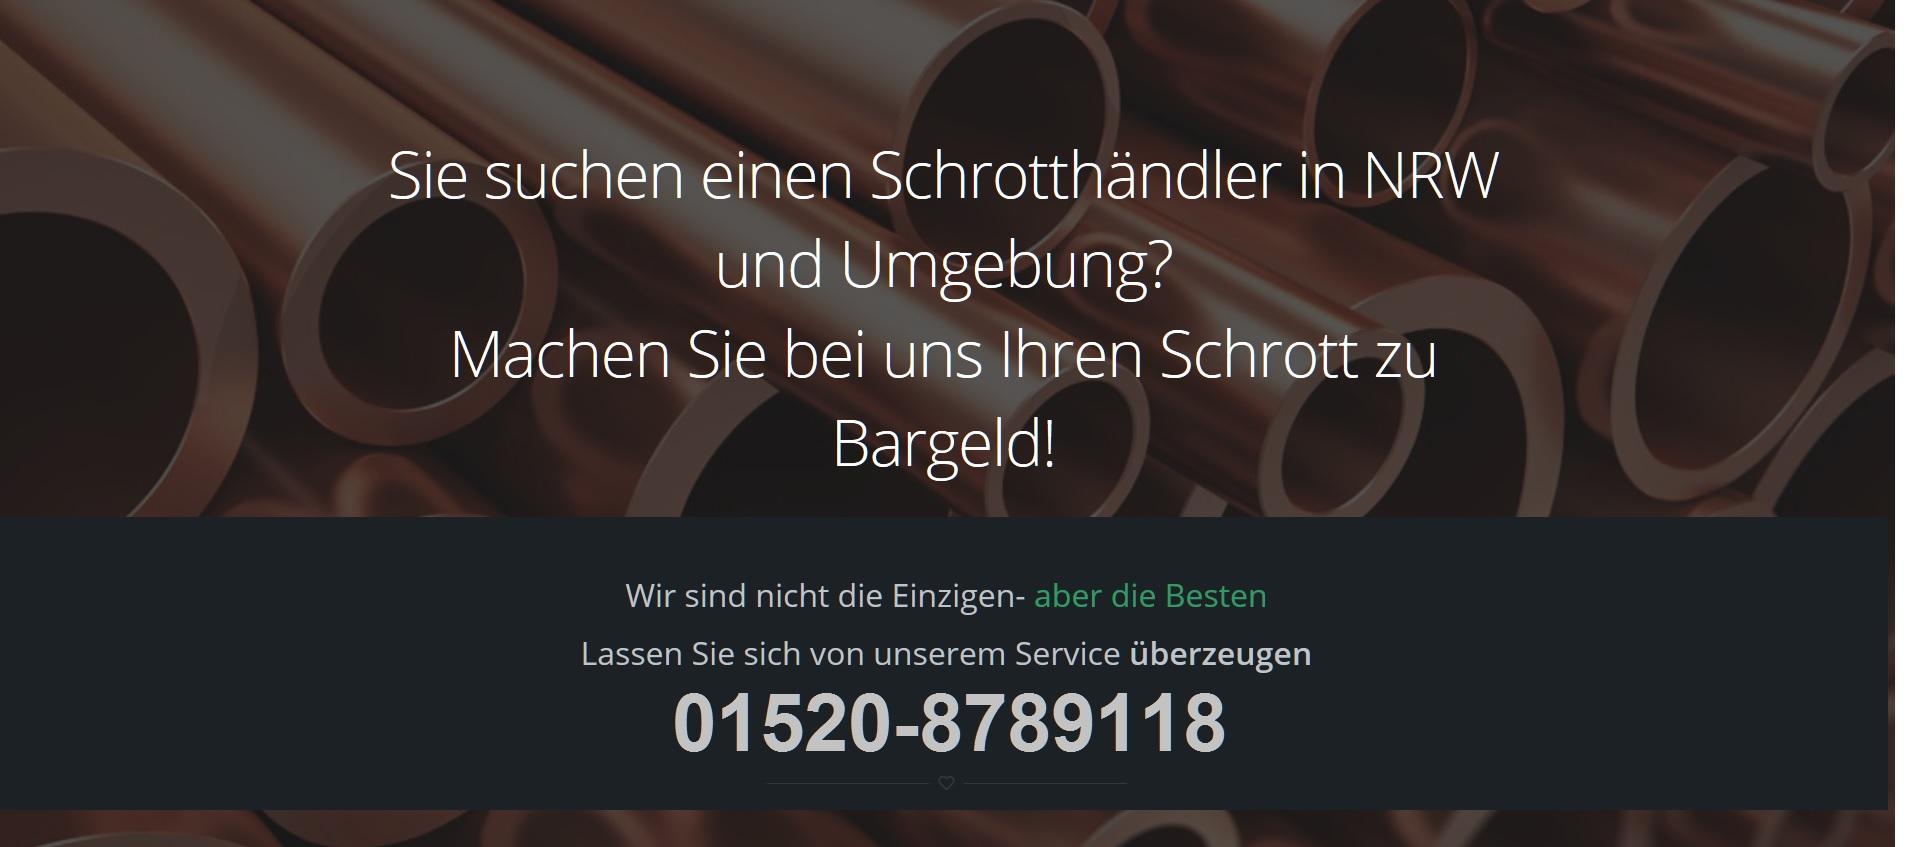 Schrottabholung Krefeld   Ihr Partner für Schrottabholung in Krefeld